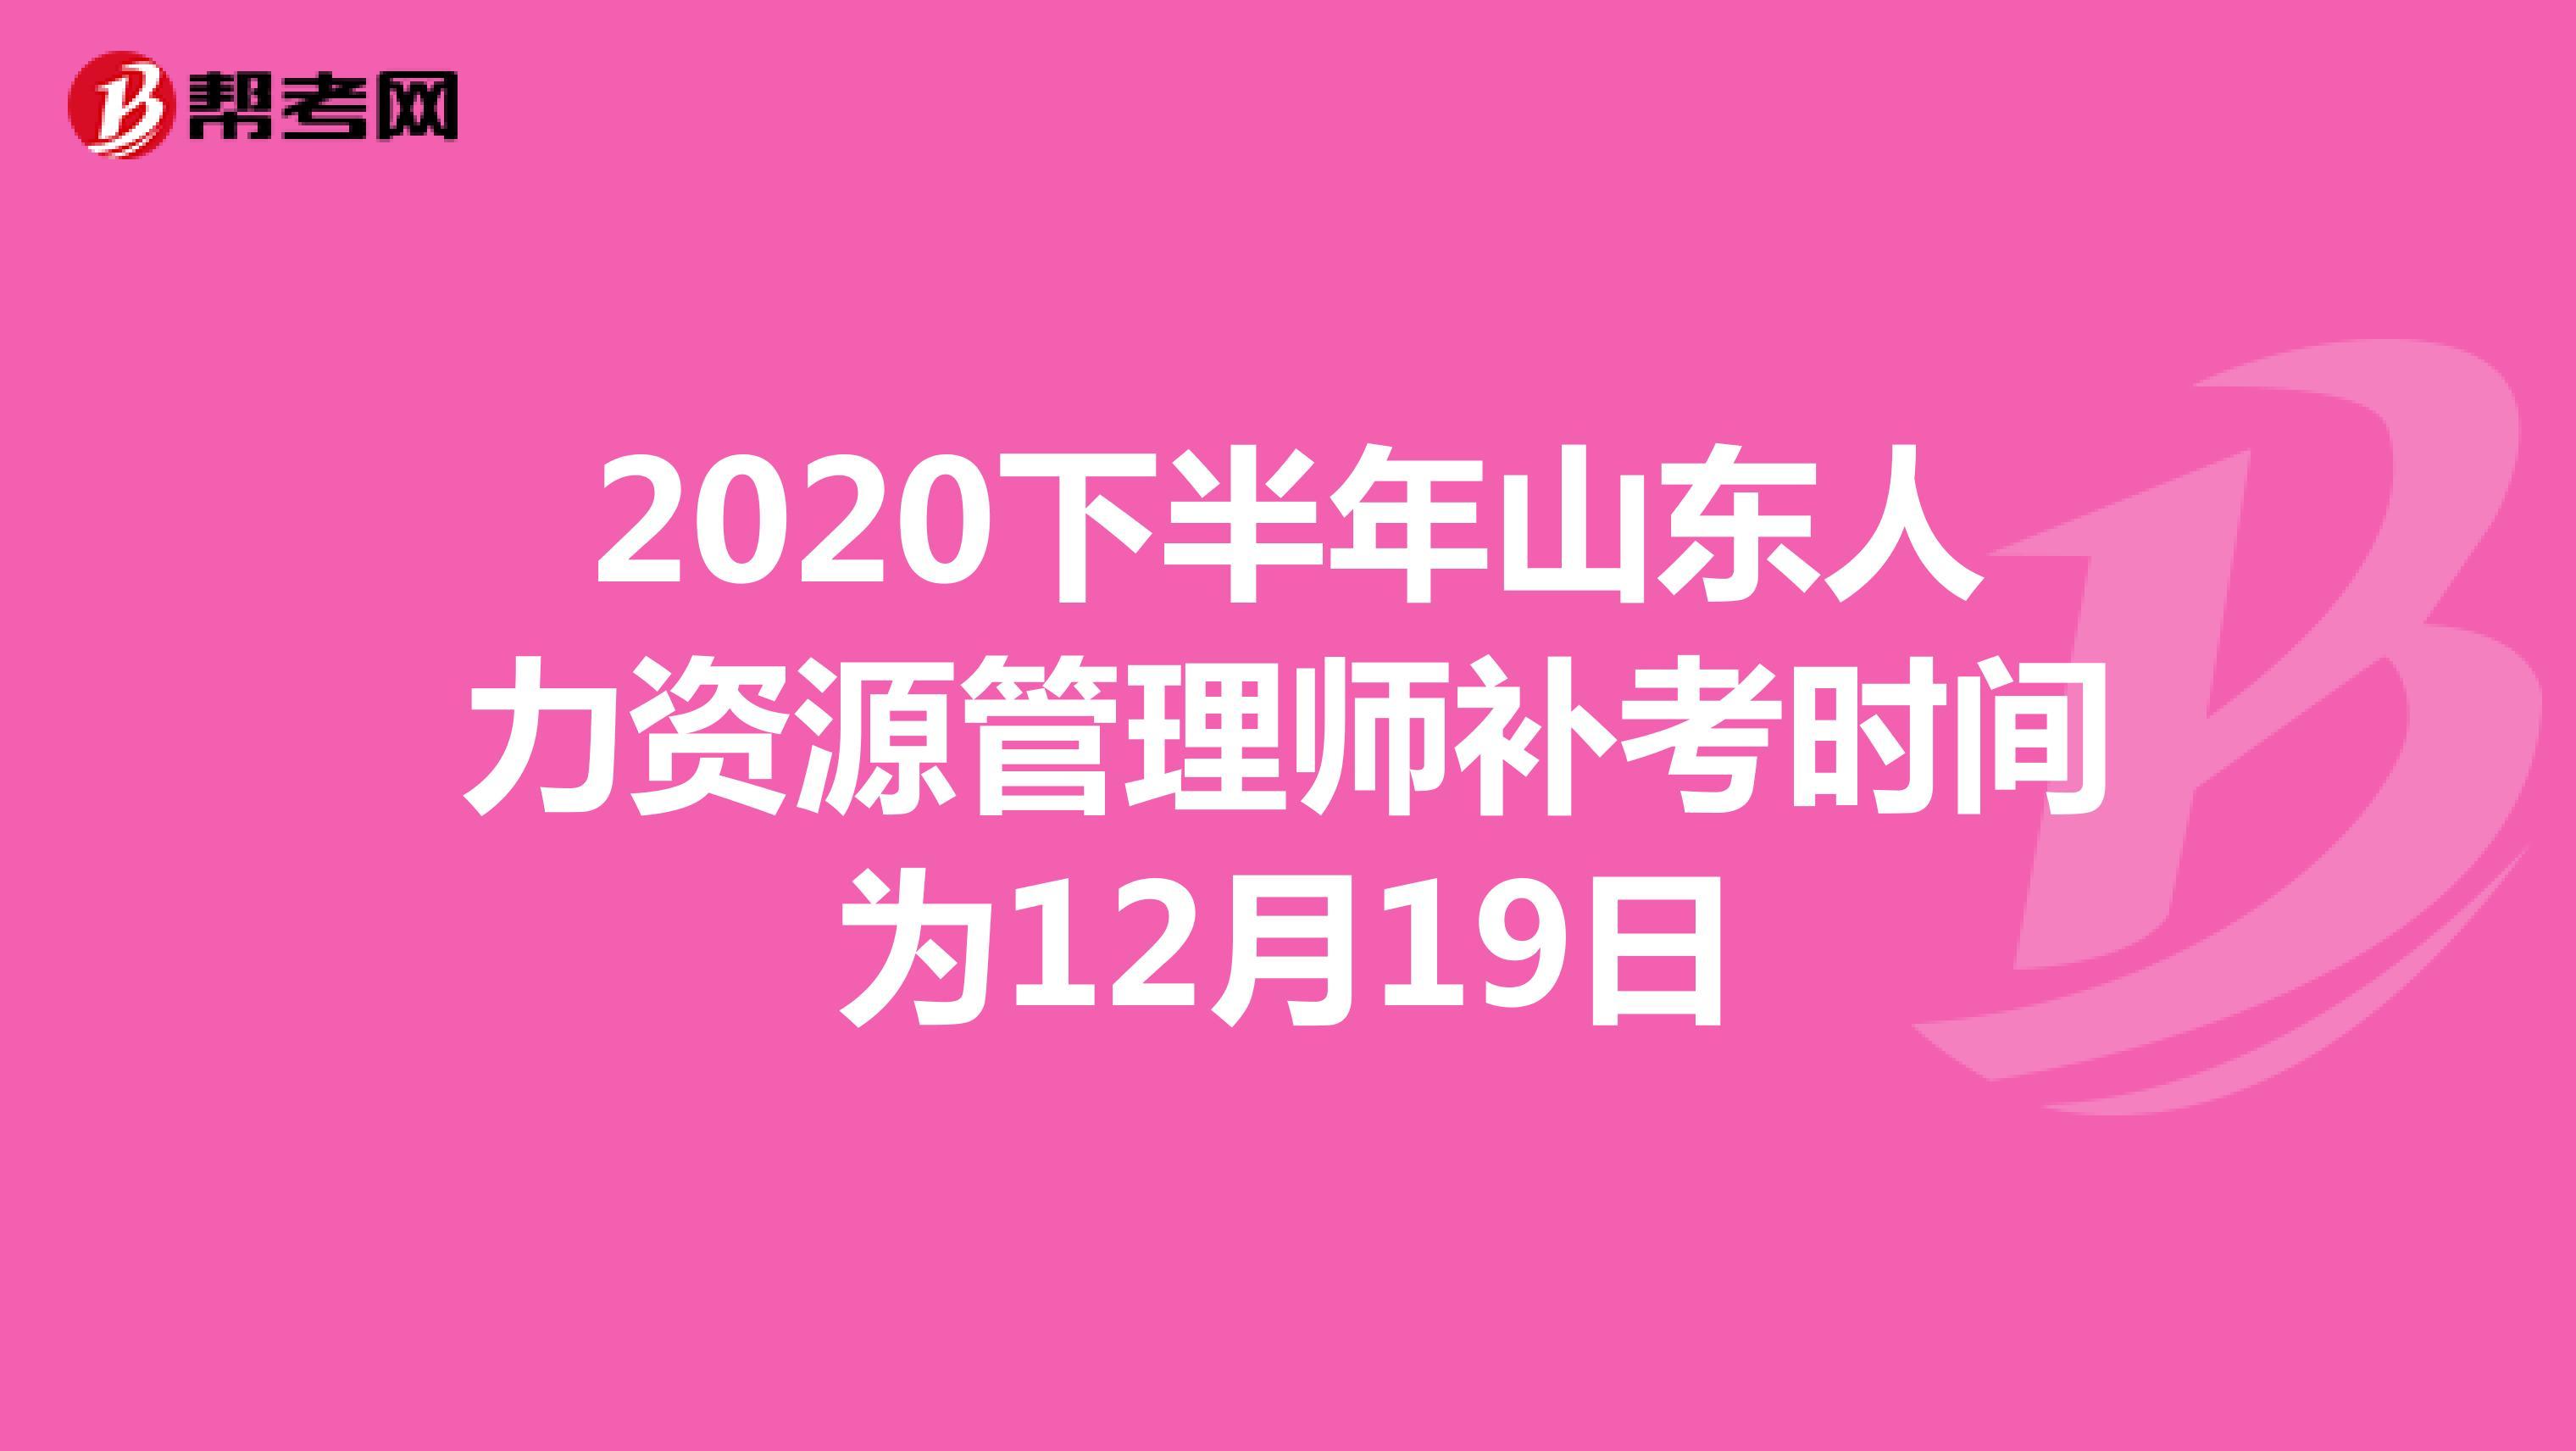 2020下半年山東人力資源管理師補考時間為12月19日